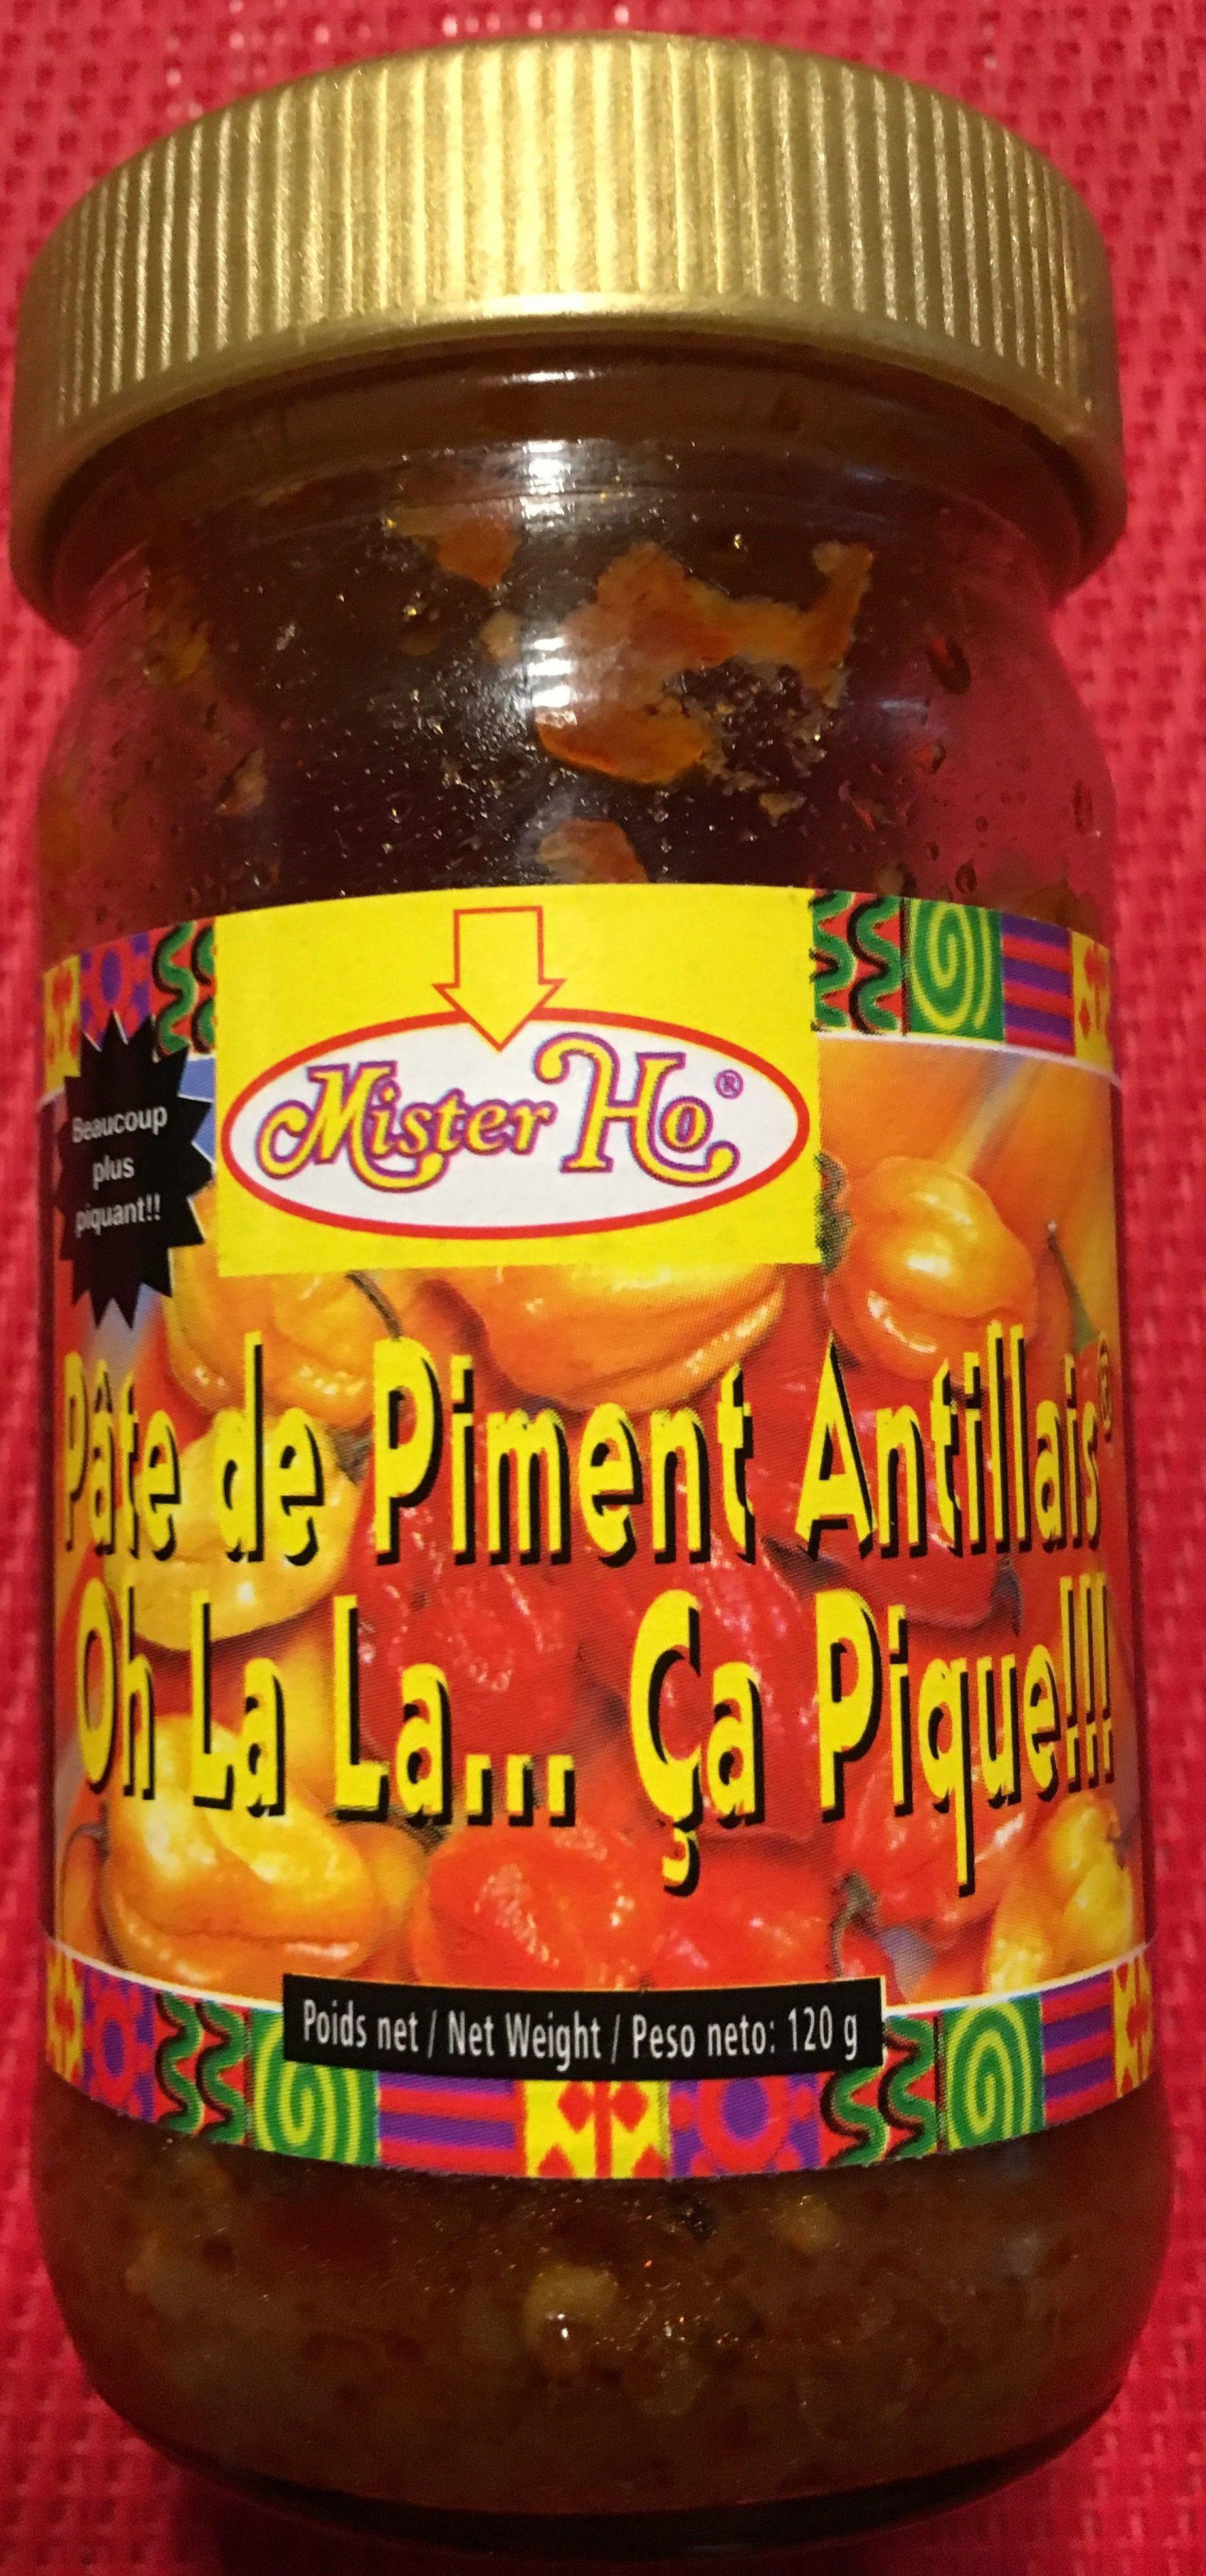 Pâte de piment Antillais - ho la la... ça pique - Product